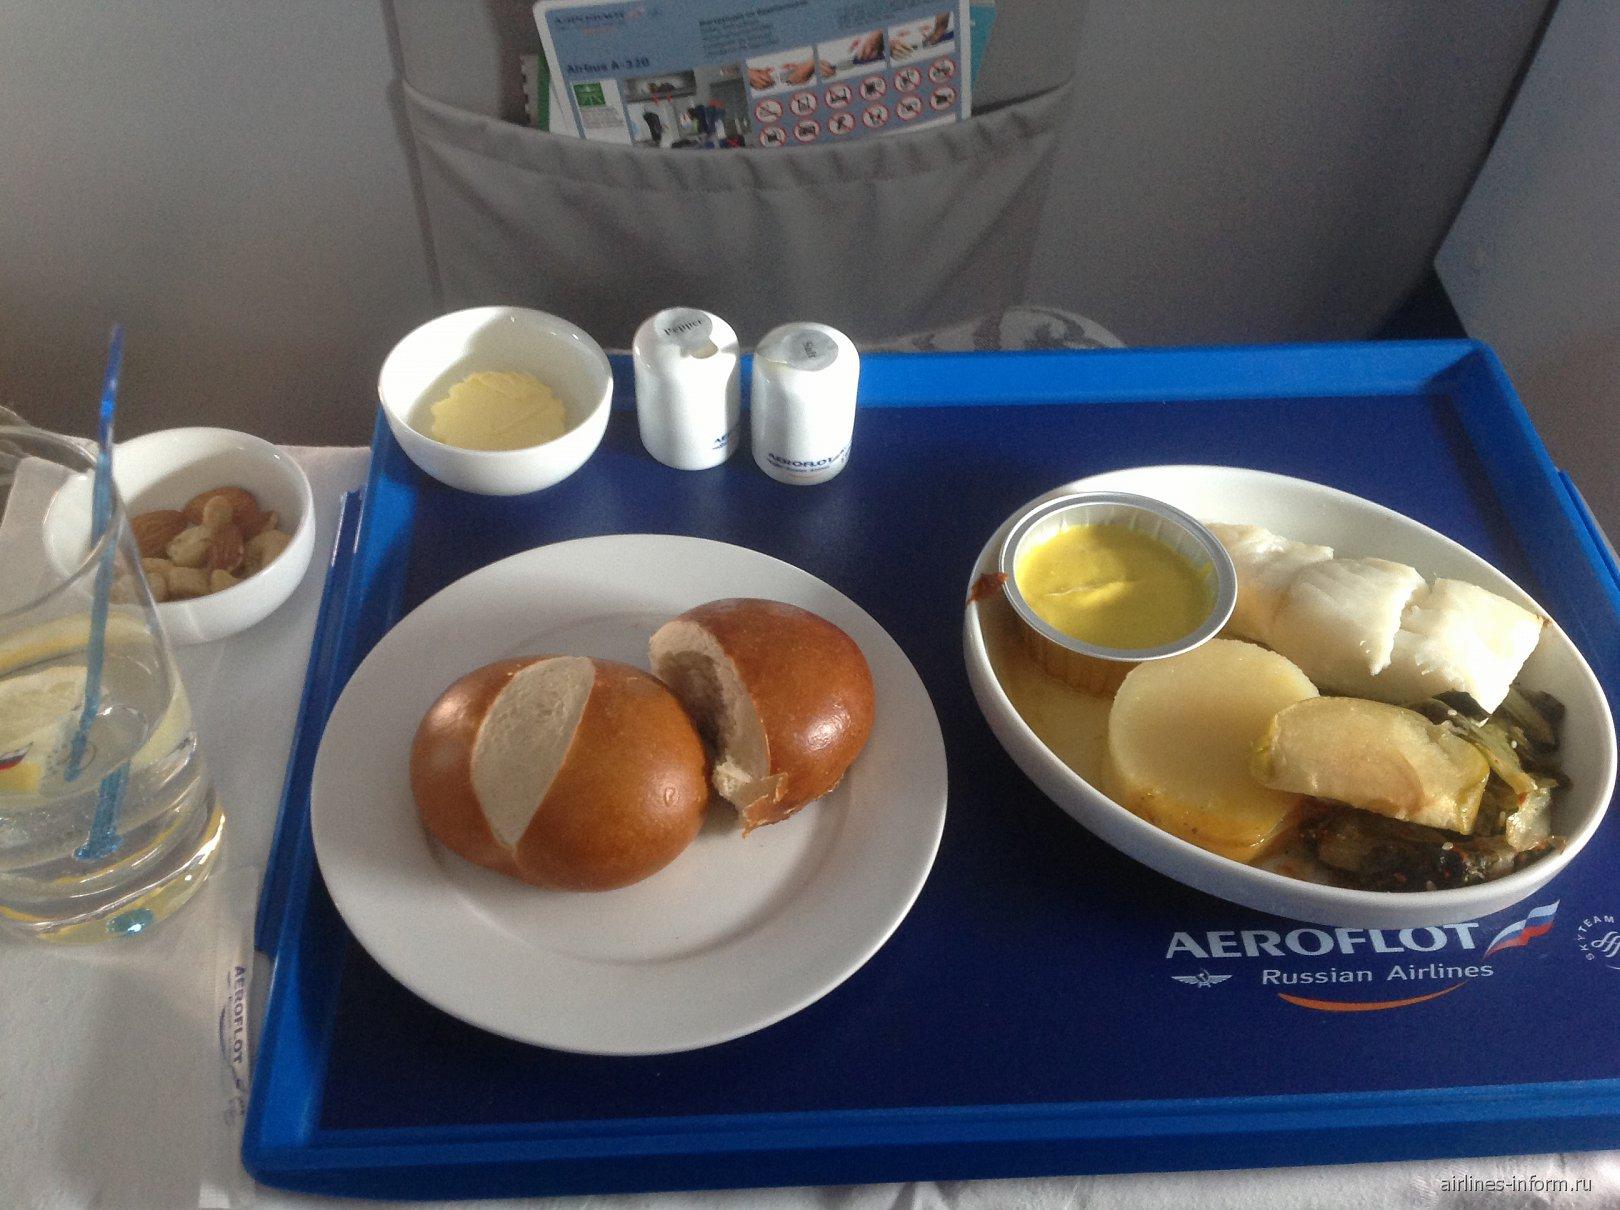 Питание в бизнес-классе Аэрофлота на рейсе Москва-Сочи